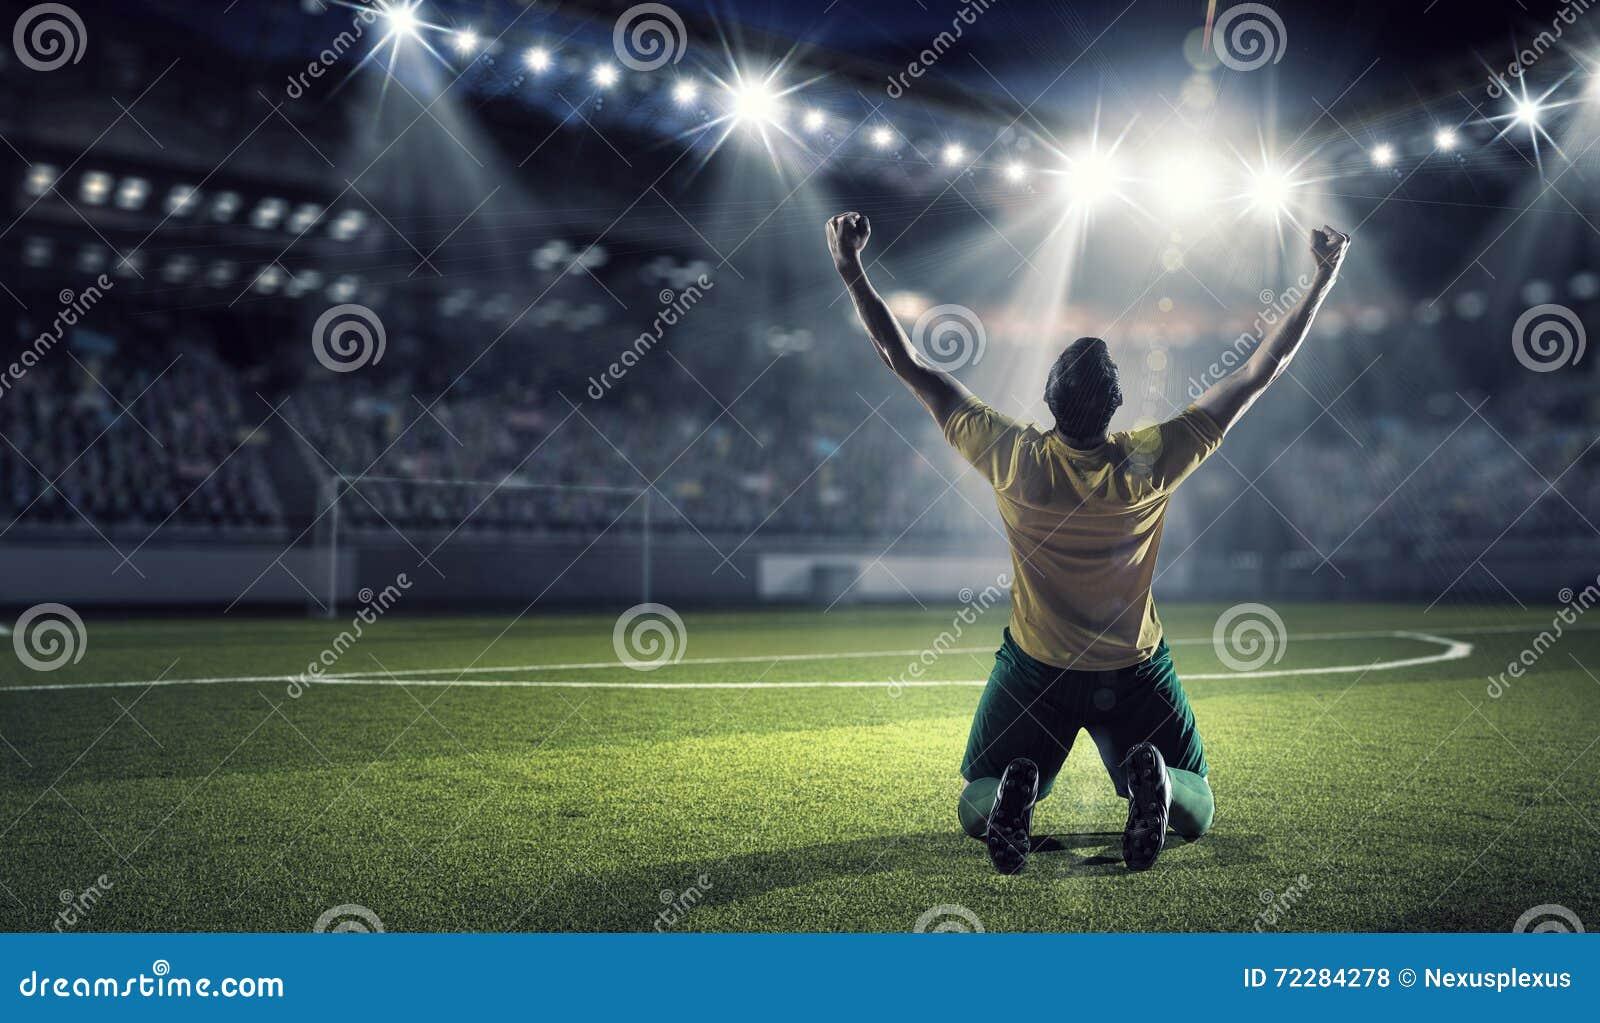 Download Он чемпион стоковое фото. изображение насчитывающей актеров - 72284278